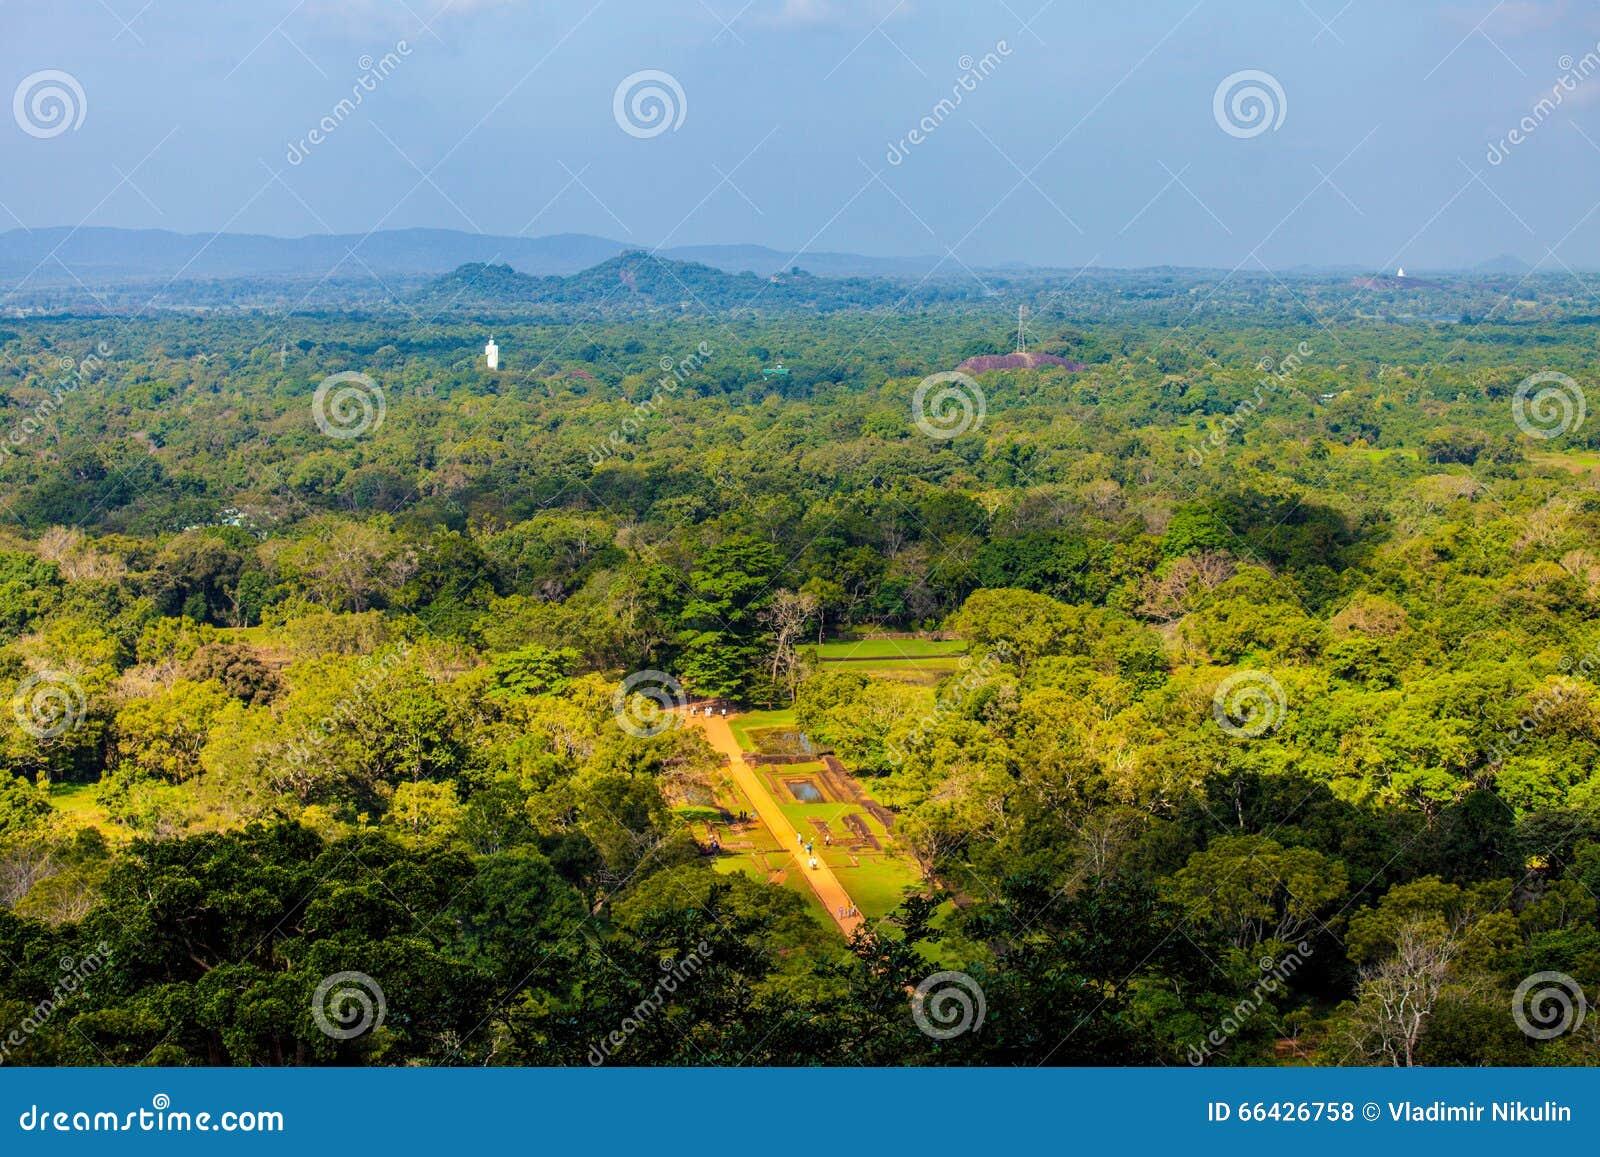 斯里兰卡热带森林和山.图片